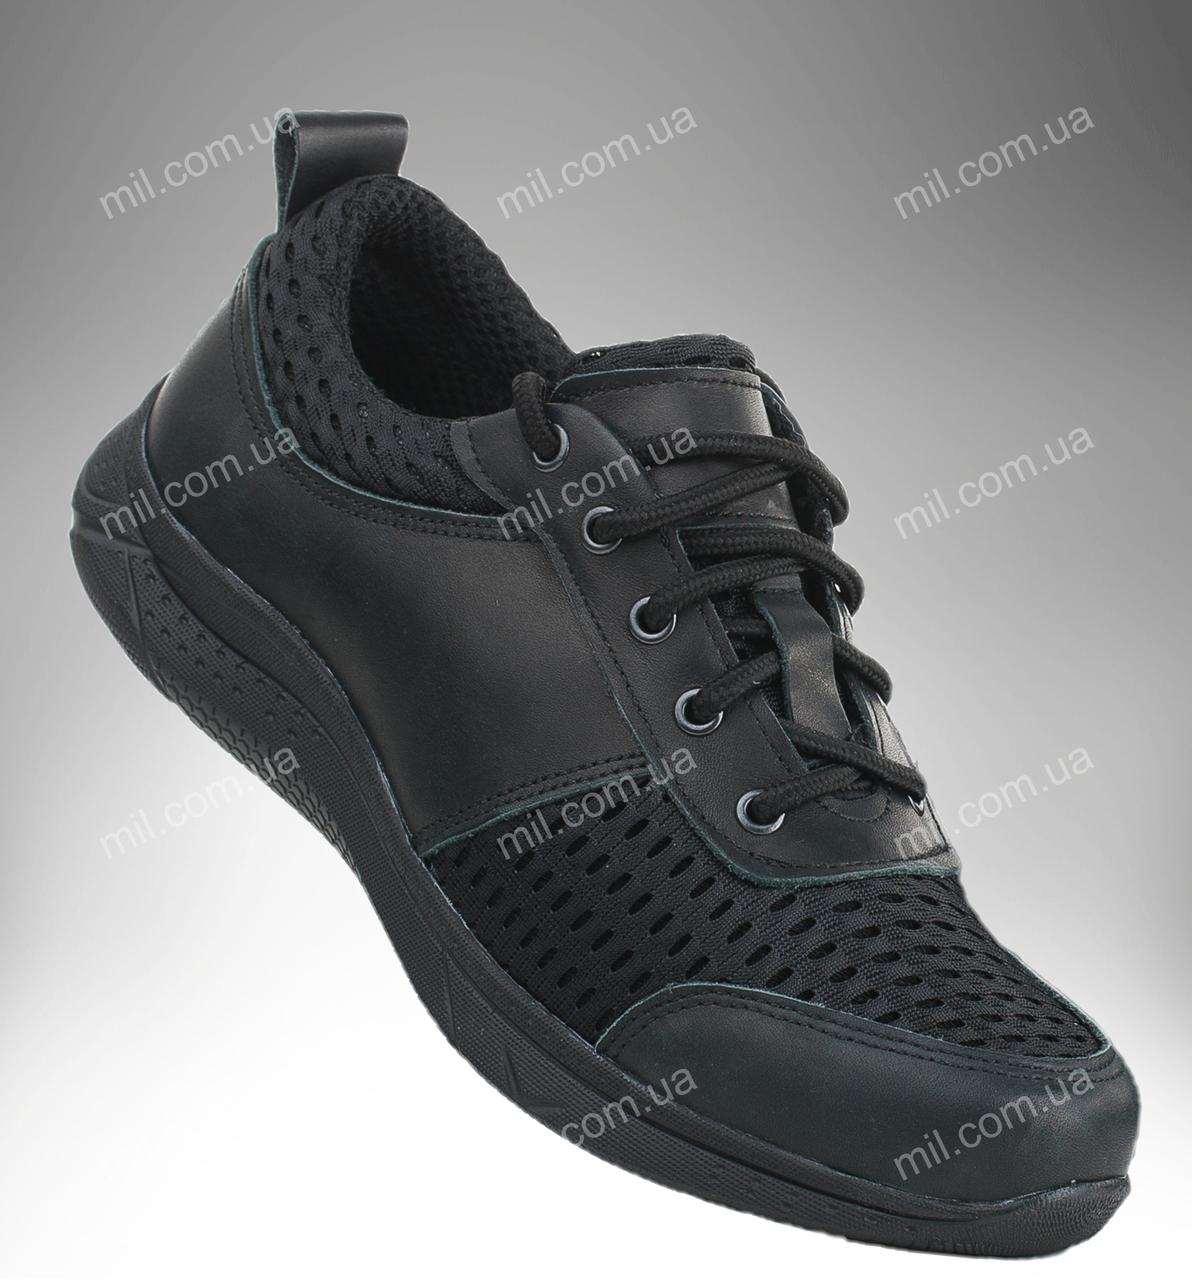 Военные кроссовки / летняя тактическая обувь PATRIOT Vent (black)